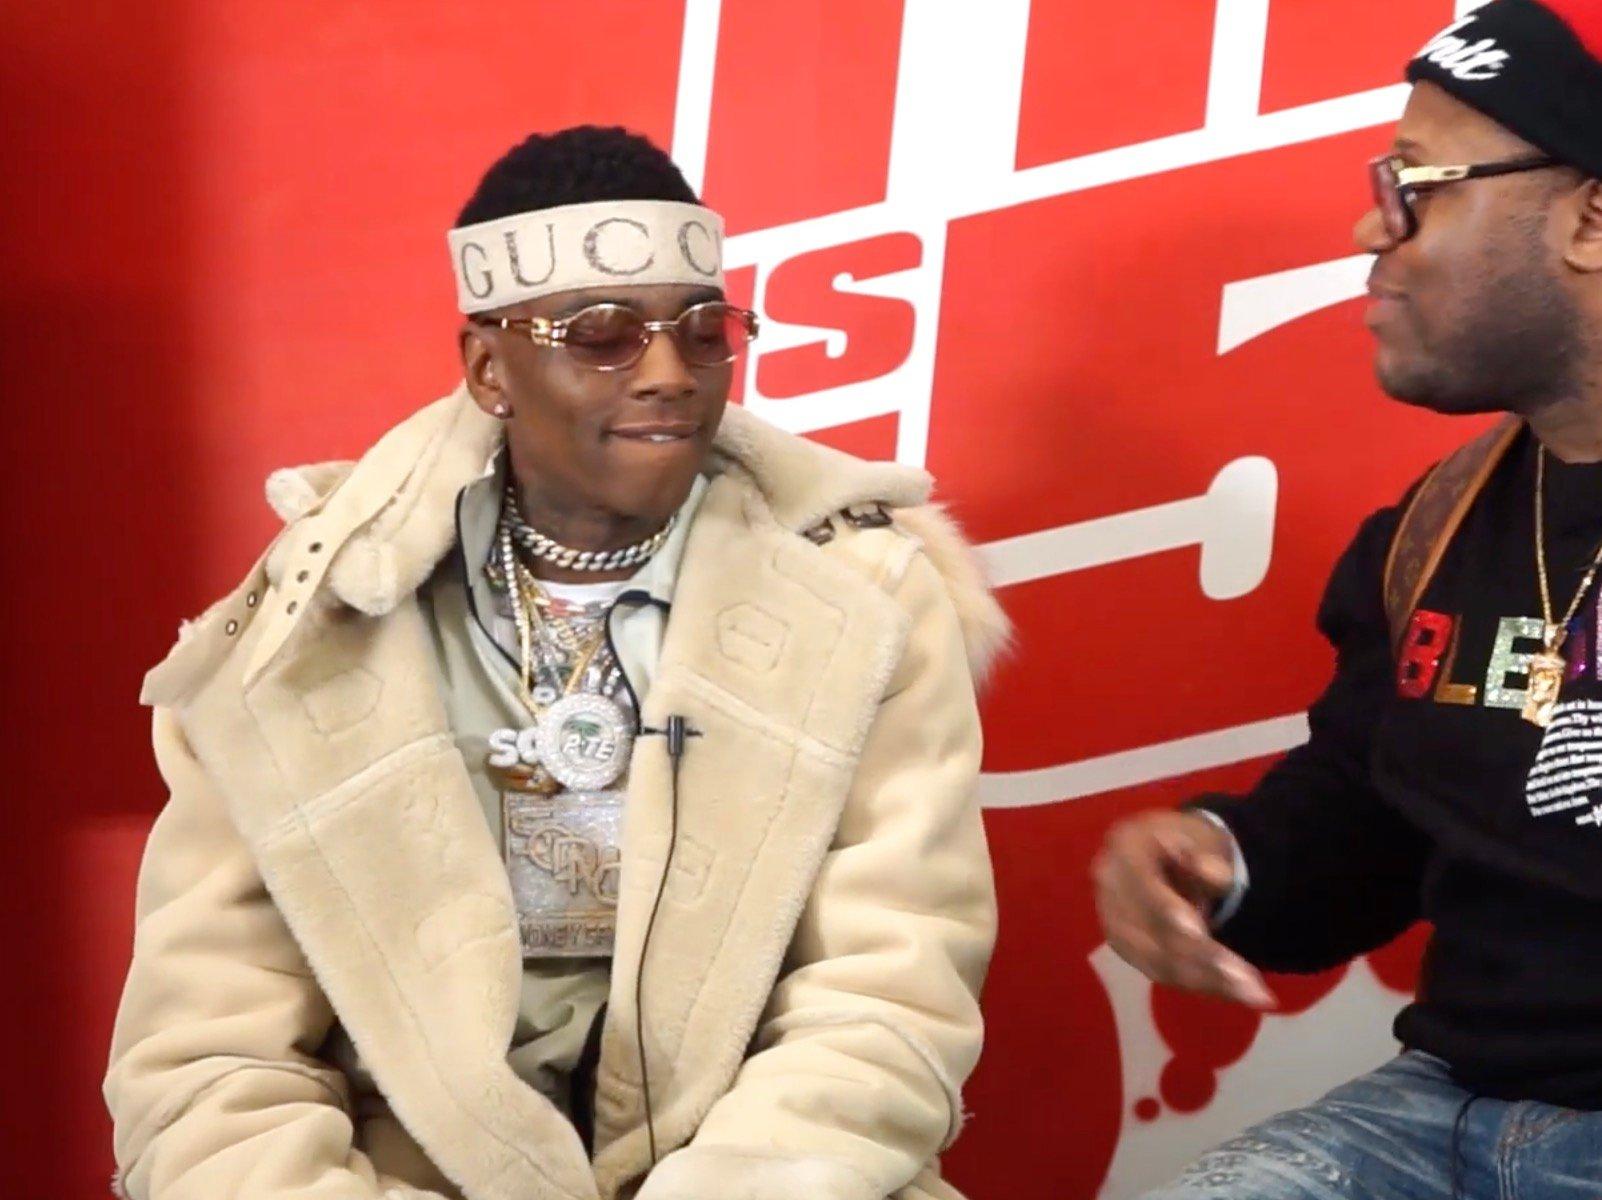 Watch: Soulja Boy Goes In-In On Tyga, Talks Indie Grind ...